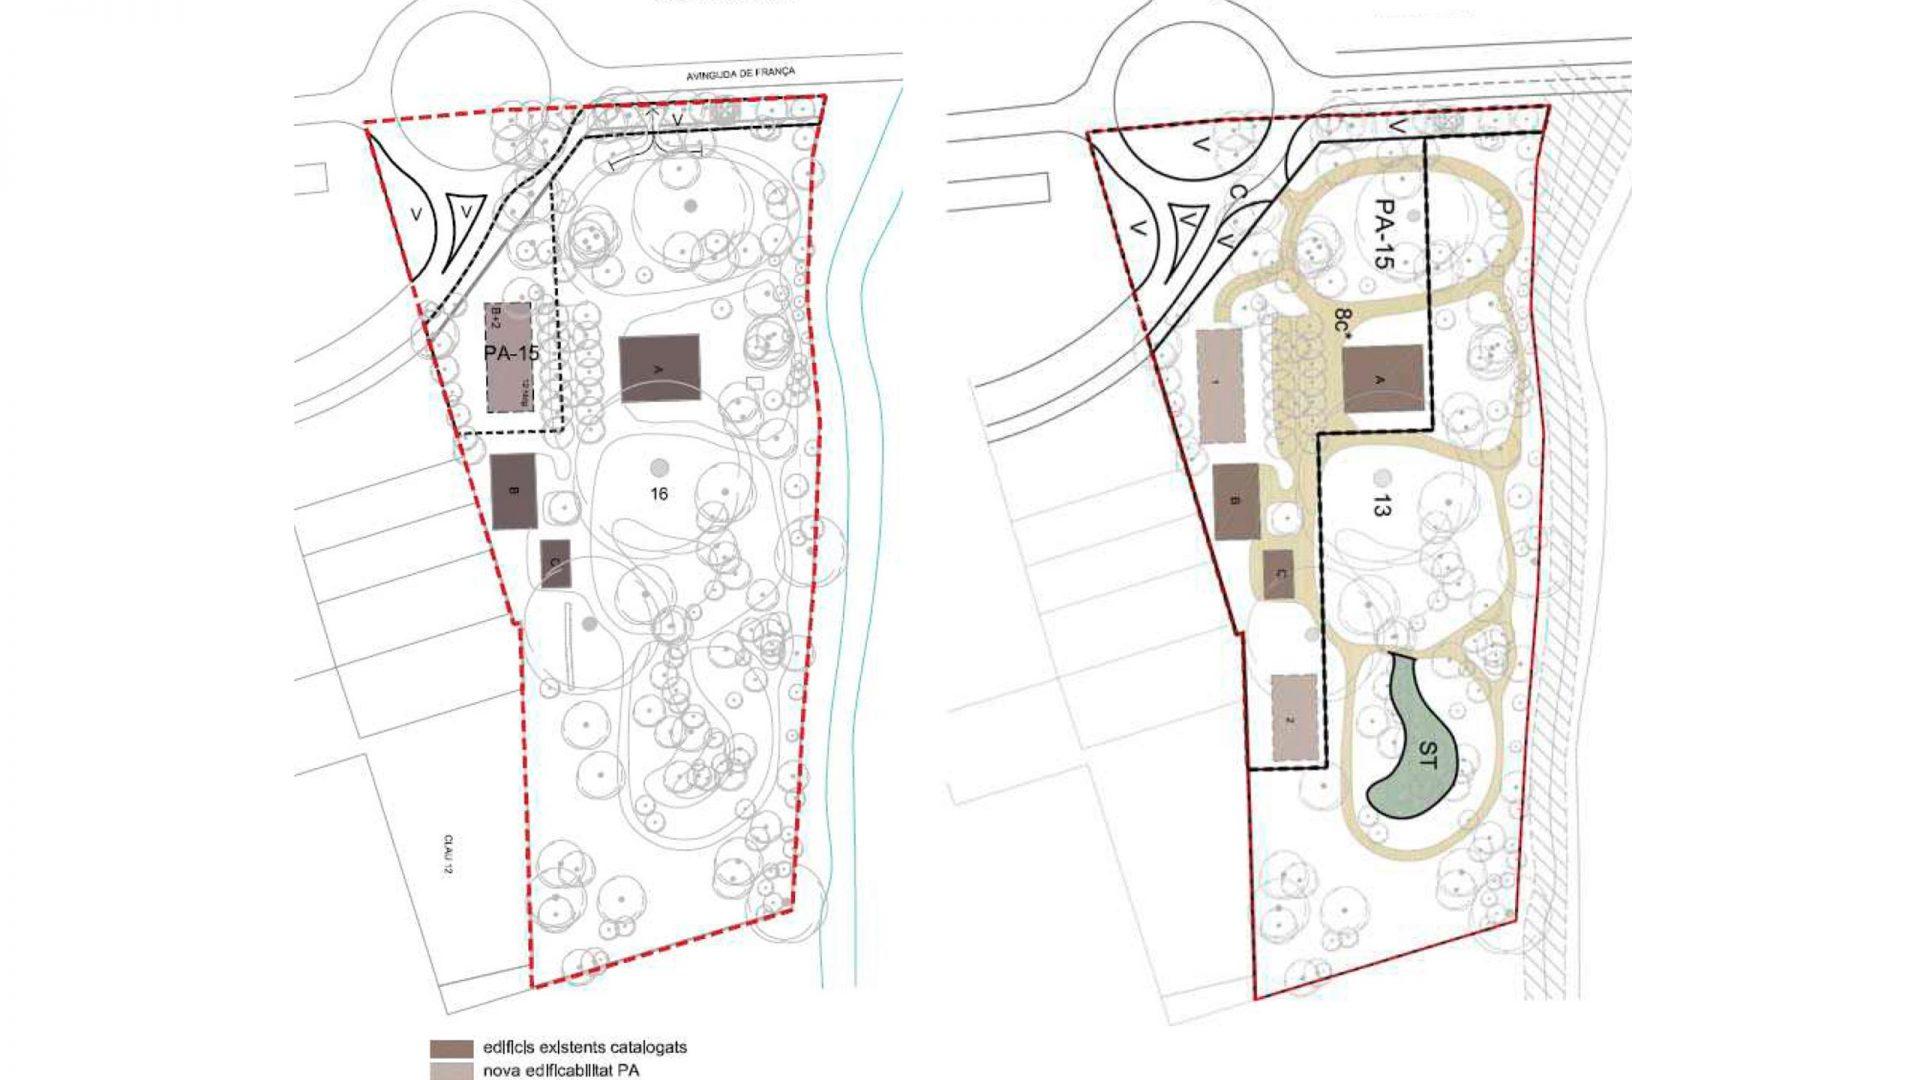 Esquema comparatiu de la reordenació de les noves arquitectures. A la dreta la localització segons el POUM i a l'esquerra la proposta de la MPG